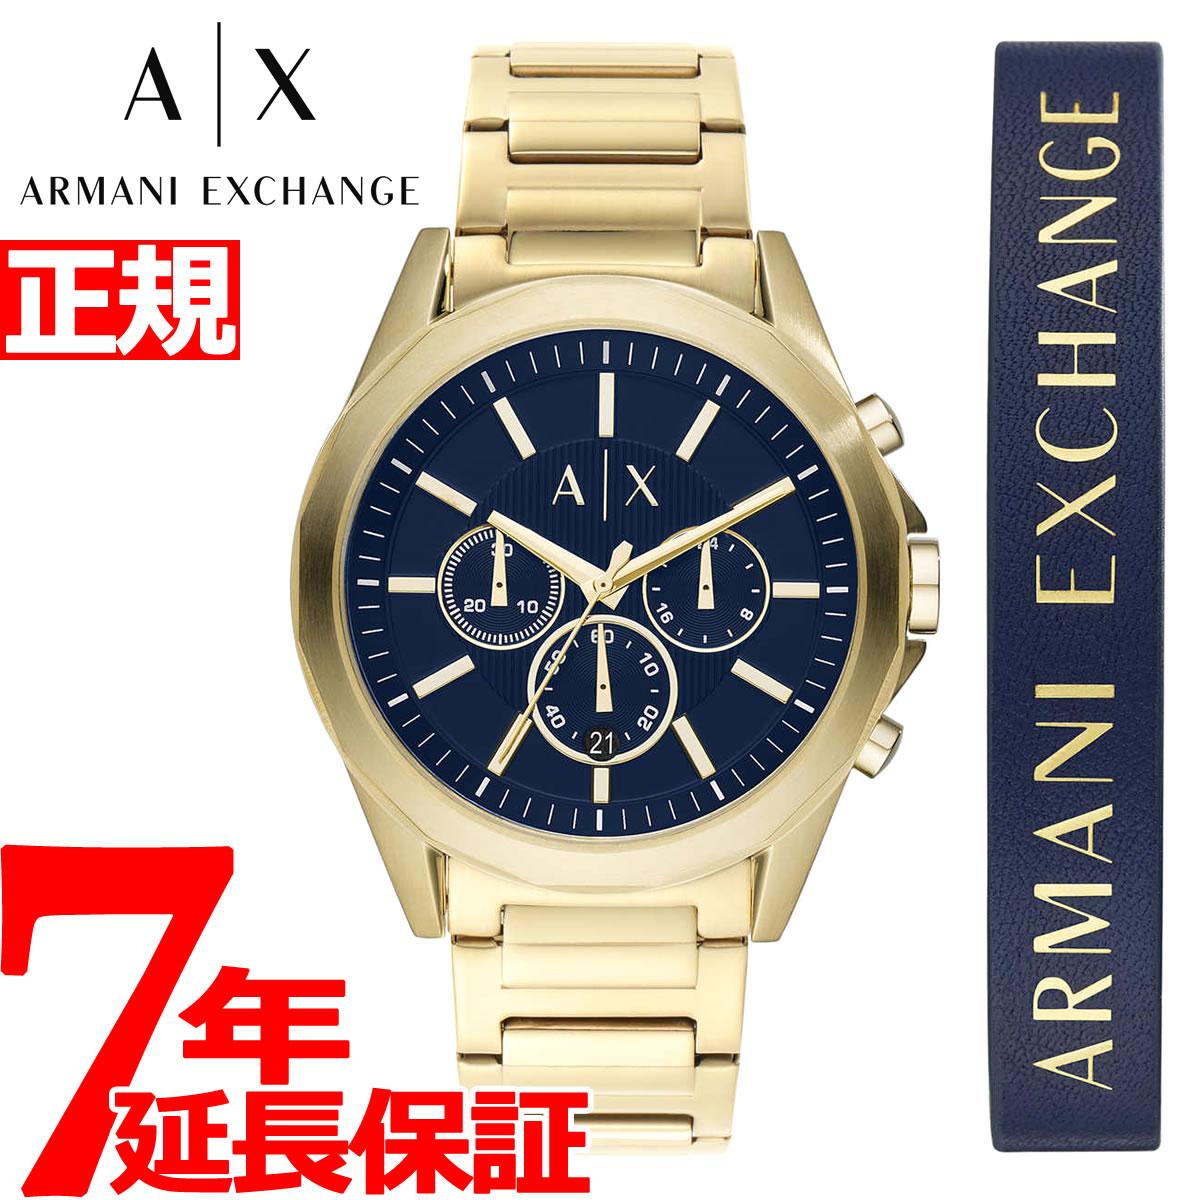 【5日0時~♪10%OFFクーポン&店内ポイント最大51倍!5日23時59分まで】A|X アルマーニ エクスチェンジ ARMANI EXCHANGE 腕時計 メンズ ドレクスラー DREXLER クロノグラフ AX7116【2020 新作】